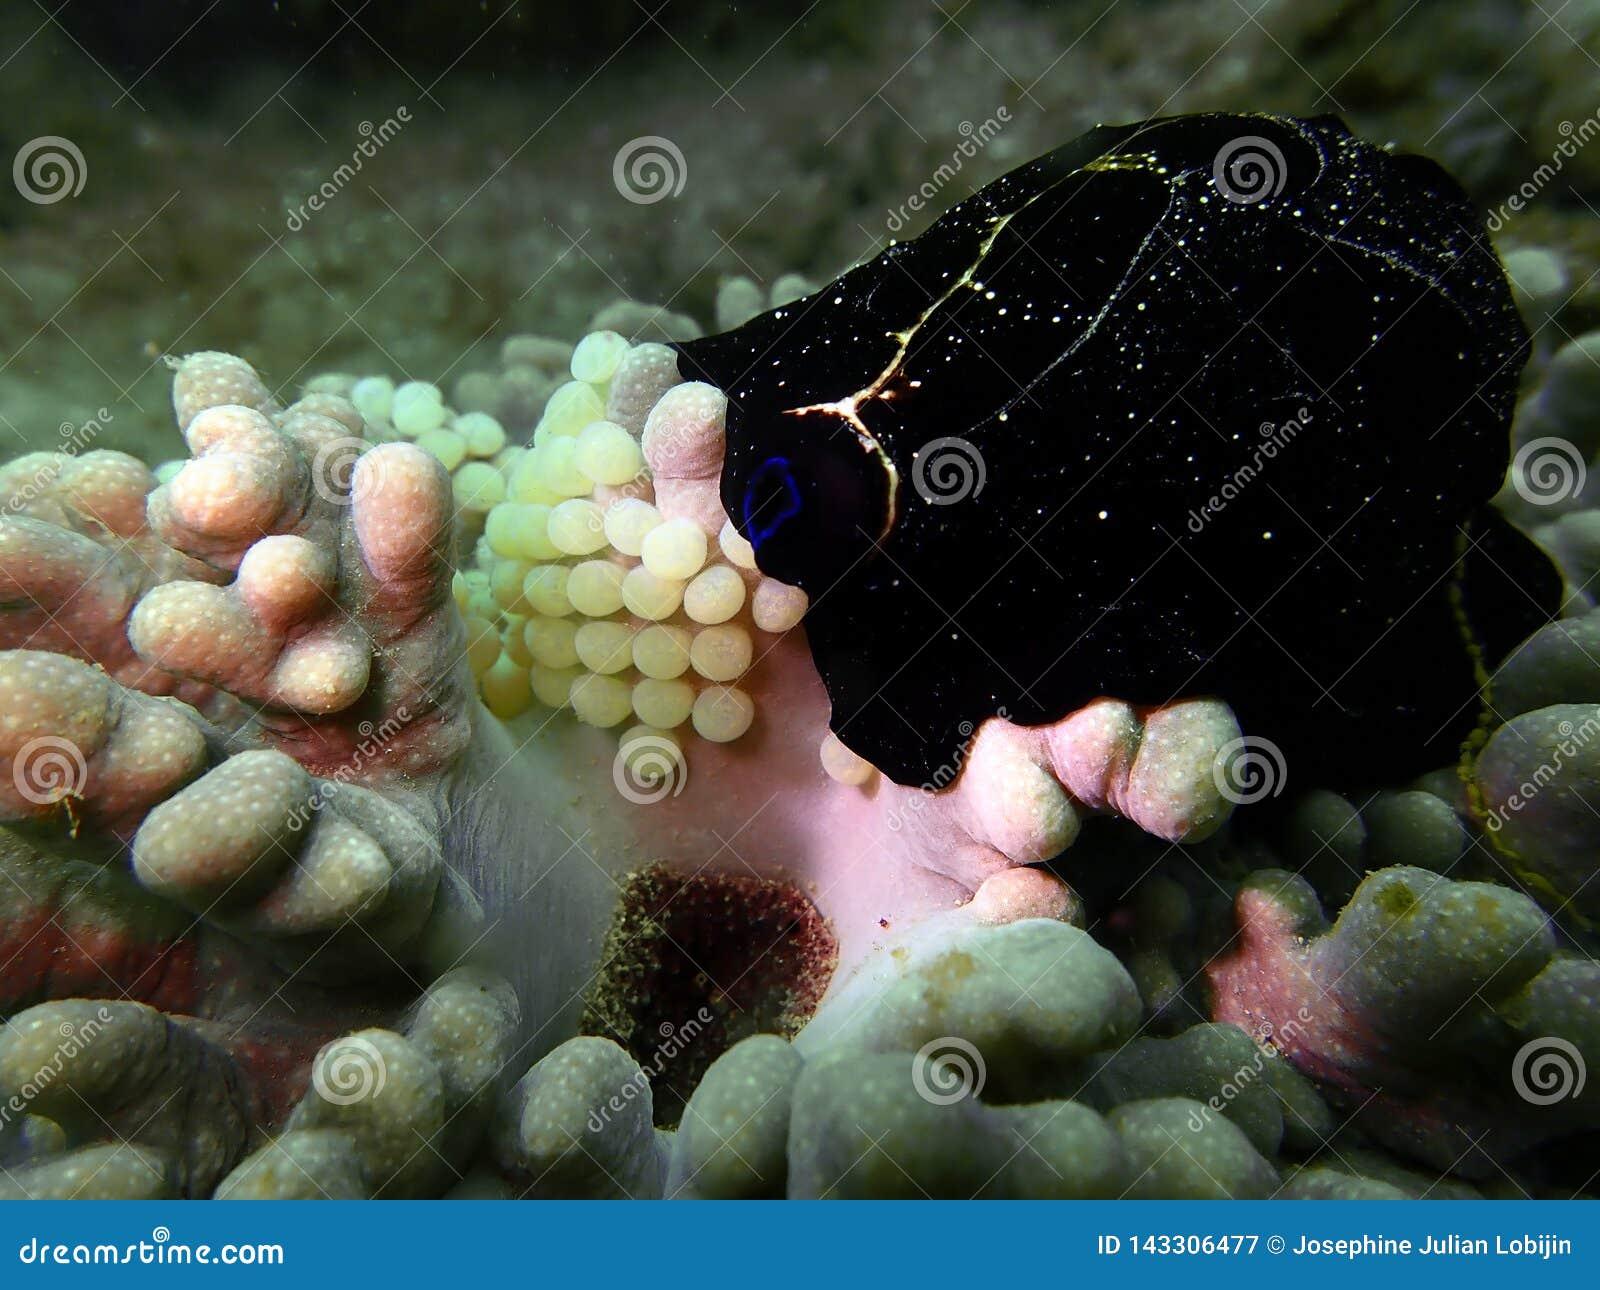 Närbild- och makroskottsnäckskal med ägg, skönheten av undervattens- världsdykning i Sabah, Borneo